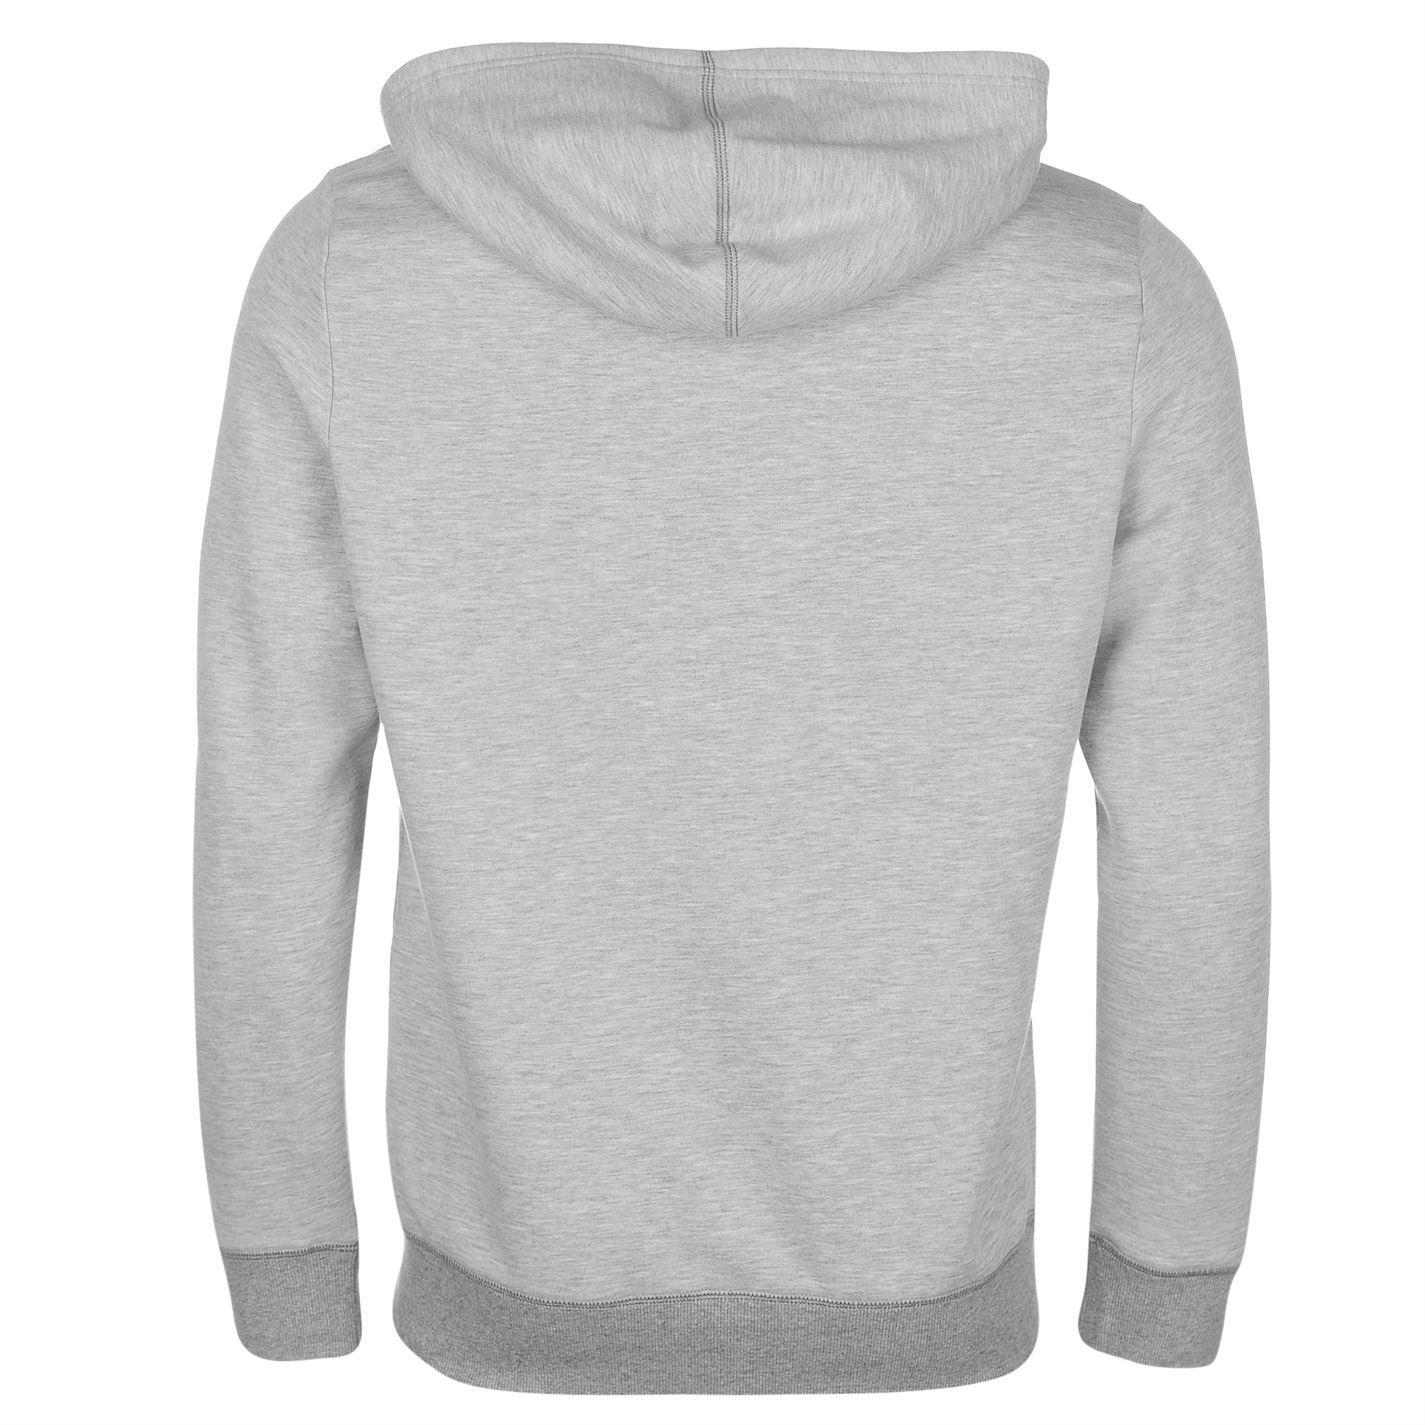 5871d3849643 Converse All Star Full Zip Hoody Jacket Mens Grey Hoodie Sweatshirt Sweater  Top